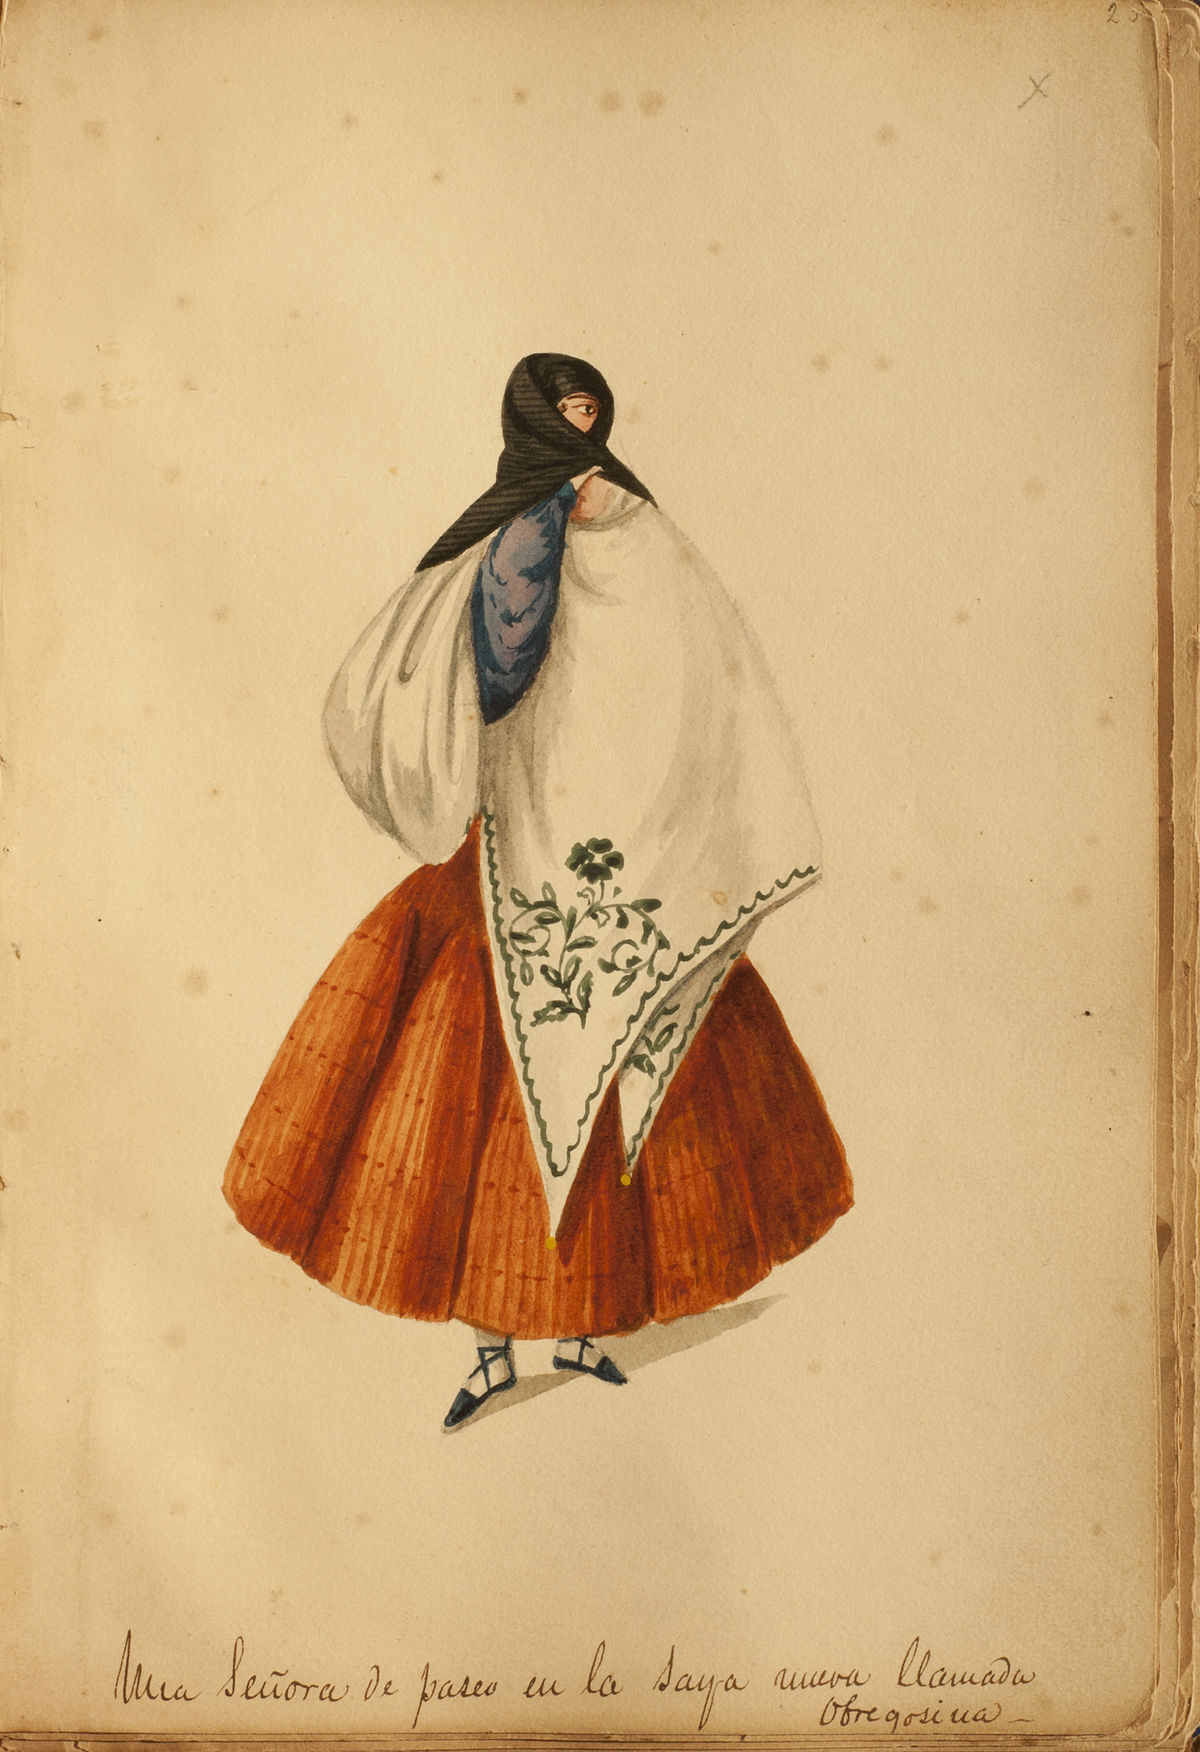 Archivo:Una Señora de paseo en la saya nueva llamada obregosina - Pancho  Fierro.jpg - Wikipedia, la enciclopedia libre